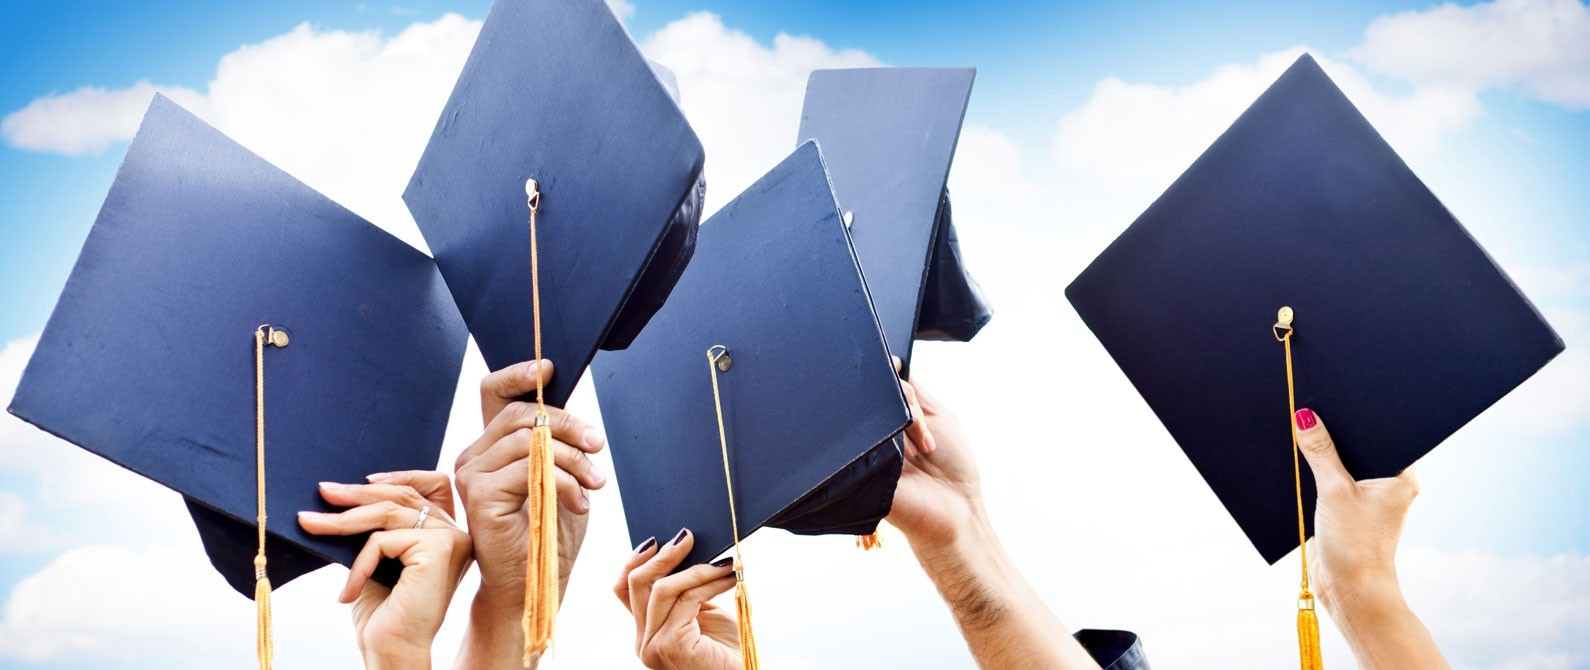 """خريجو """"العبري"""" من الجامعات يناشدون الحكومة والقطاع الخاص توظيفهم"""